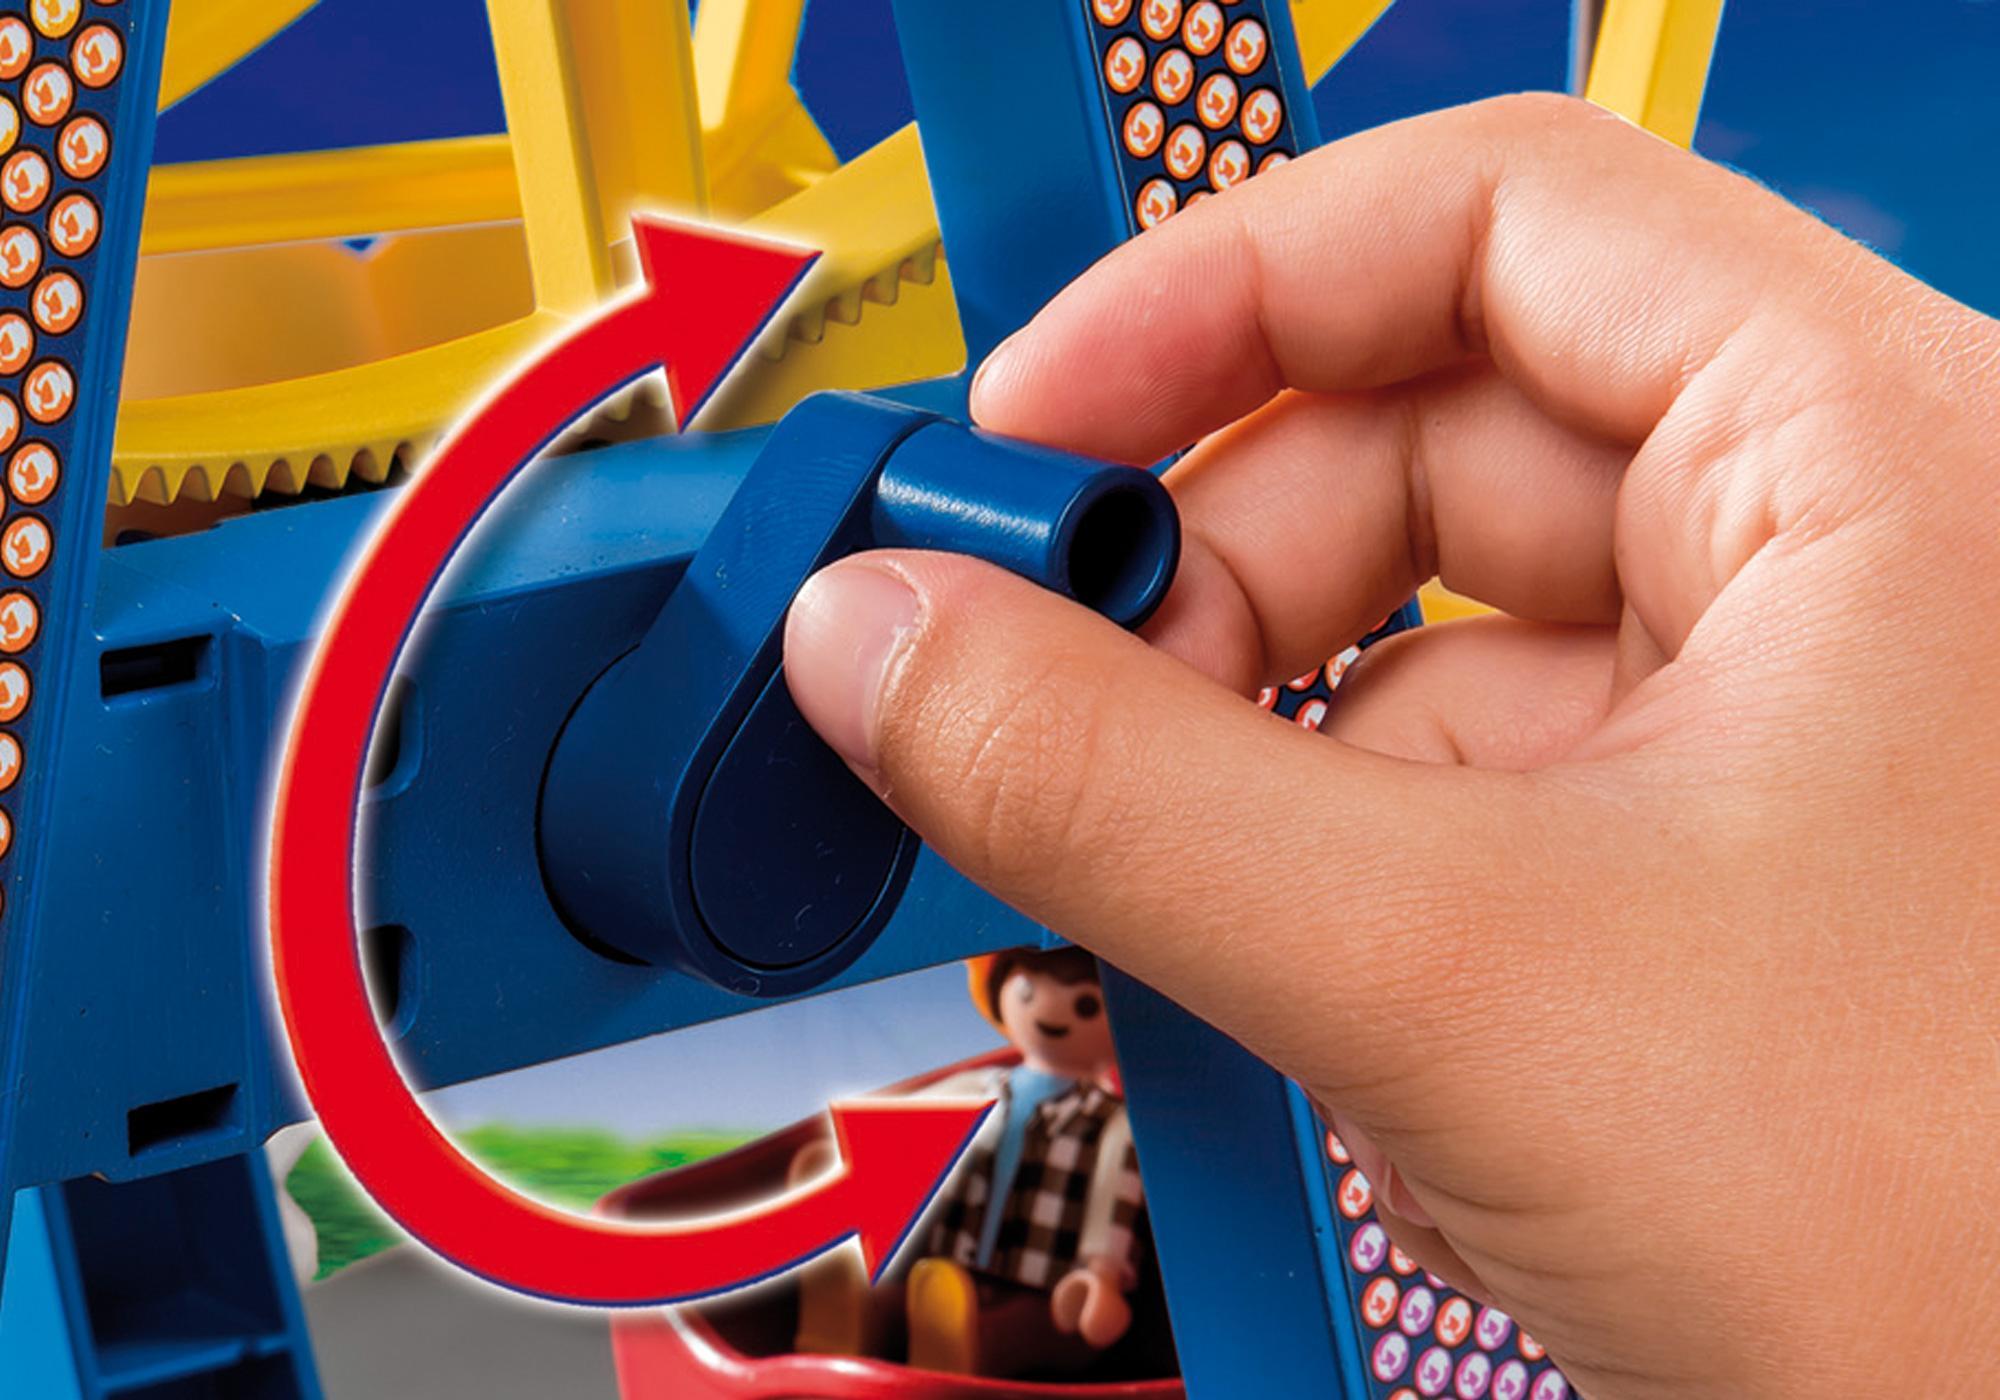 http://media.playmobil.com/i/playmobil/5552_product_extra4/Noria con Luces